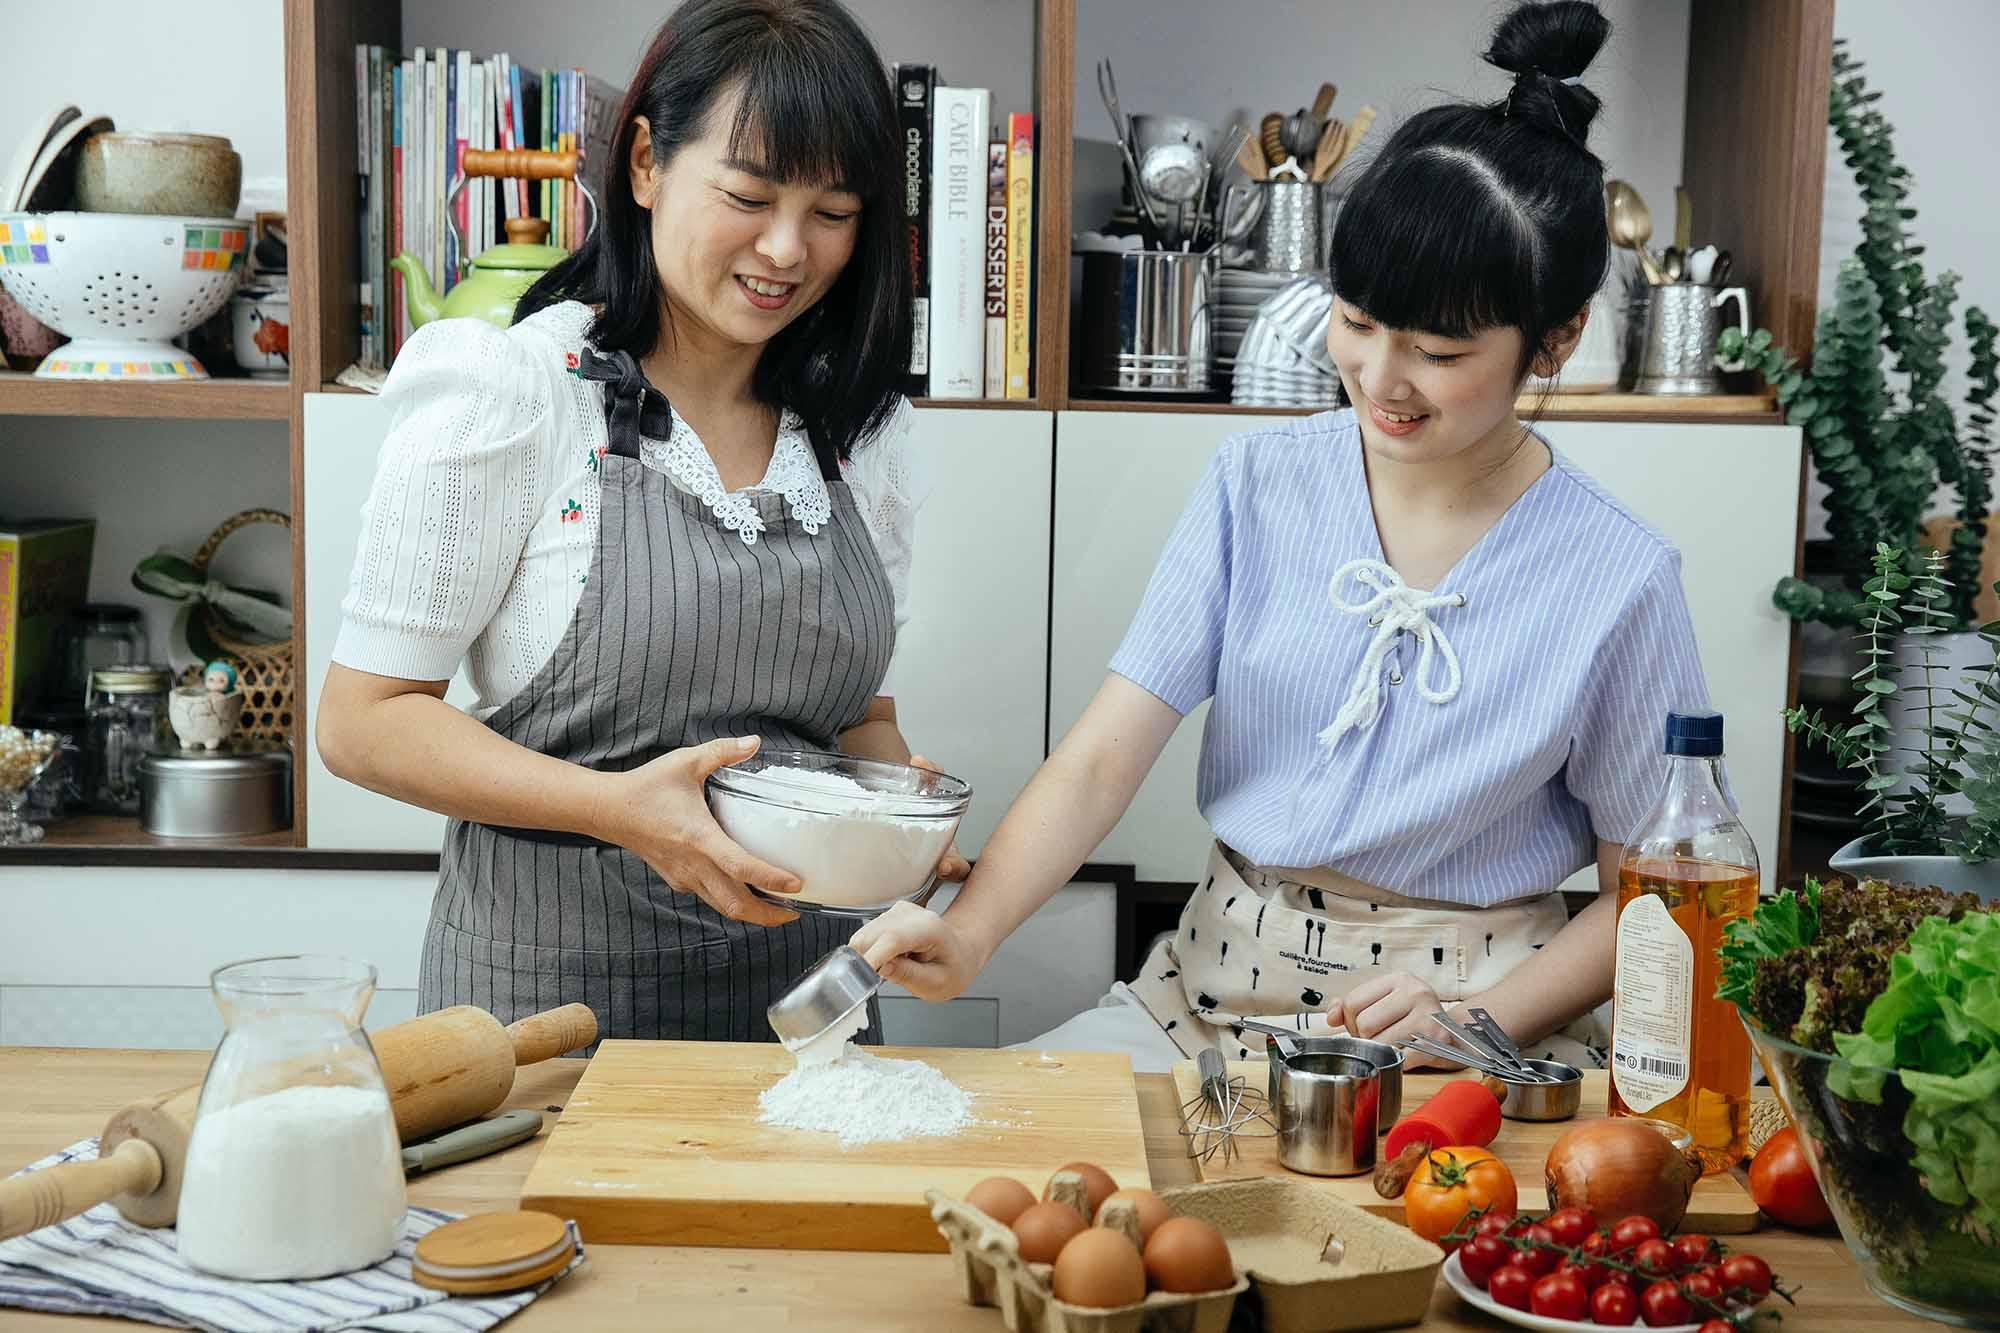 nấu ăn giúp giải tỏa tâm trạng